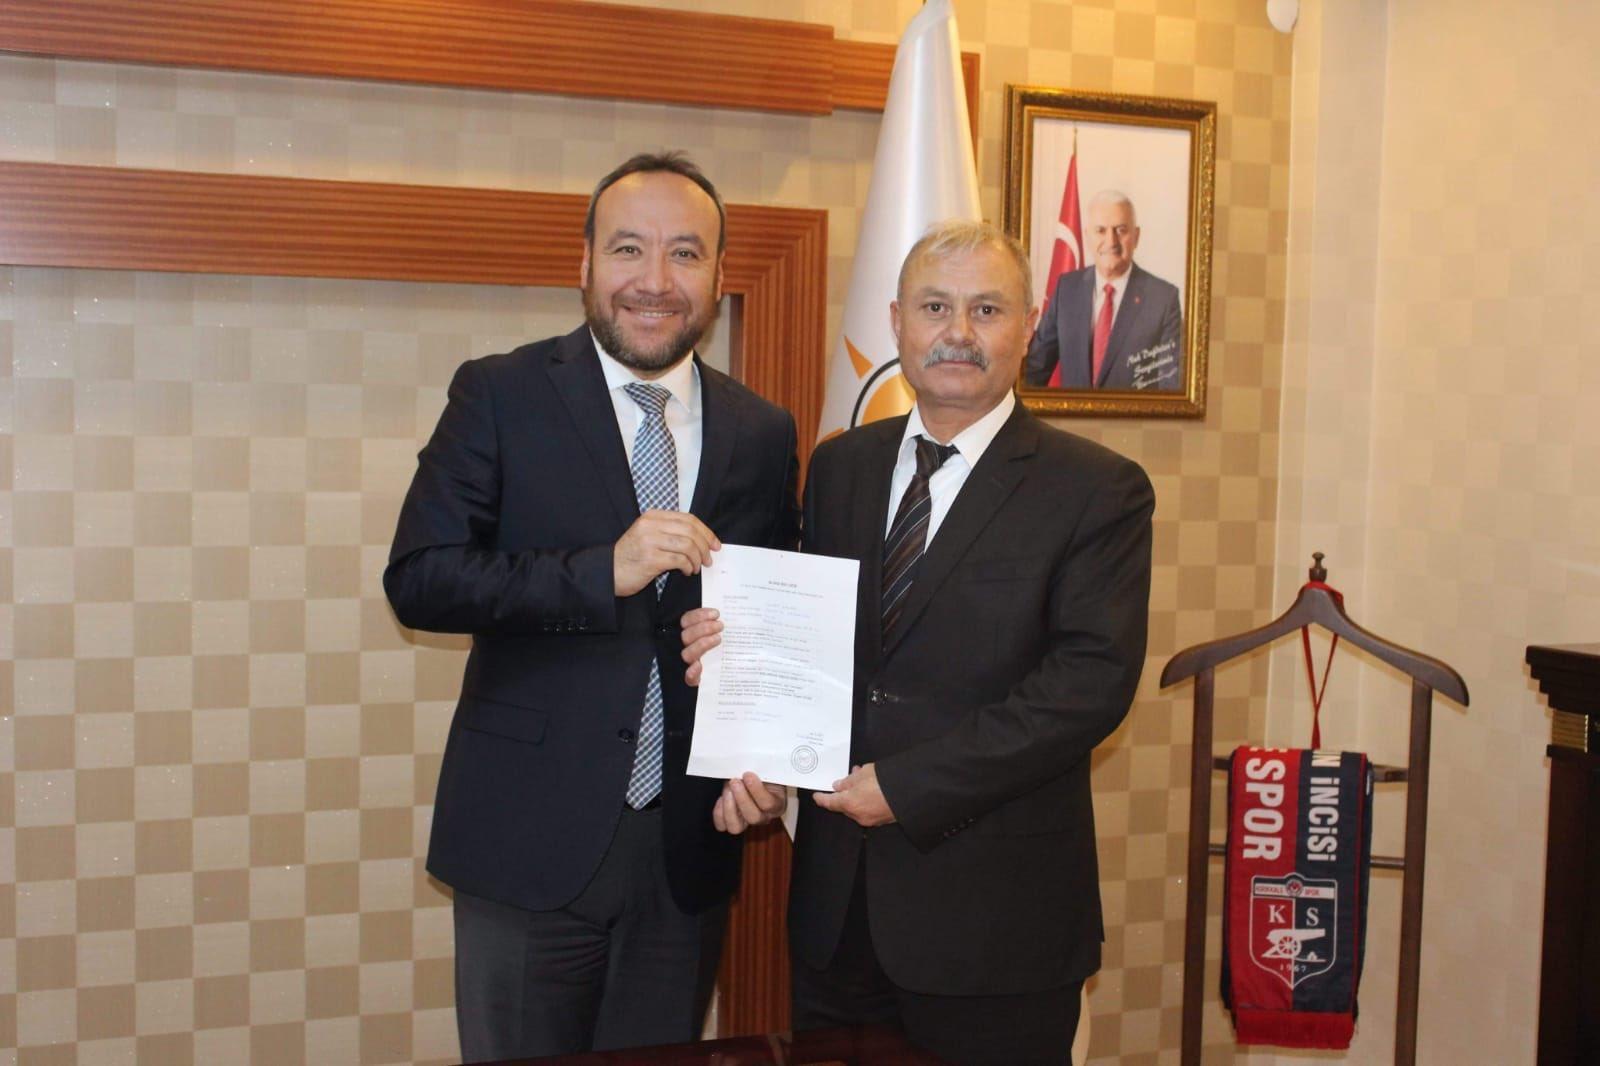 Kenan Kacar Bahşılı Belediye Başkan Aday Adaylığı İçin Ak Parti'den Başvurusunu Yaptı